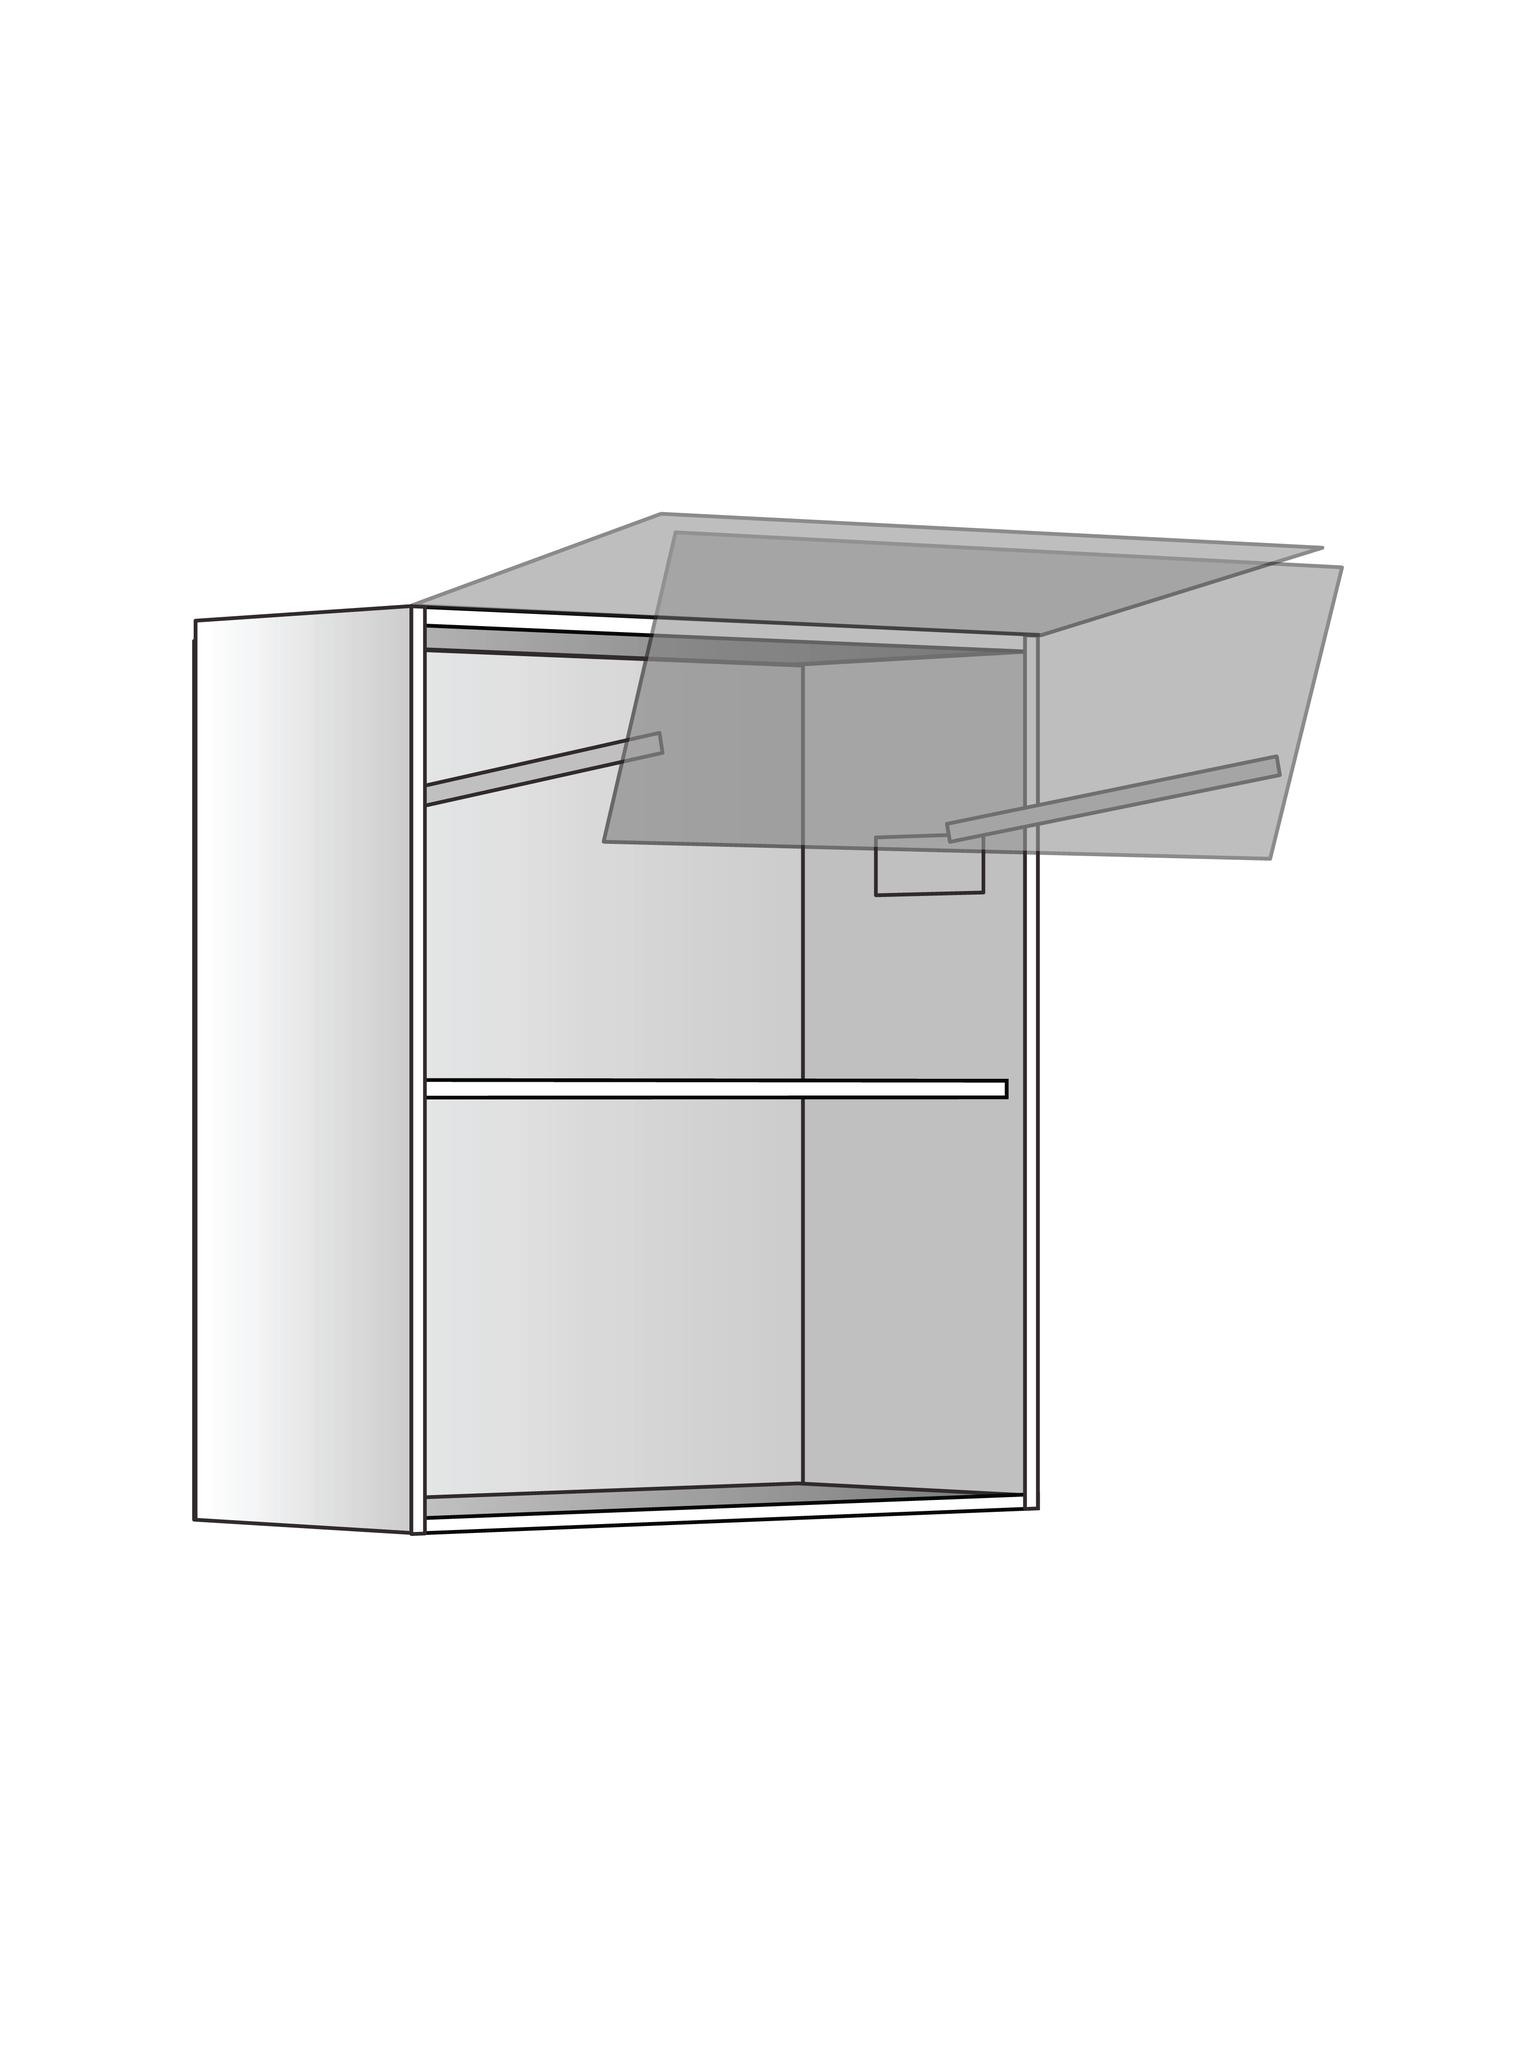 Верхний шкаф c полкой и подъемником, 720Х600 мм